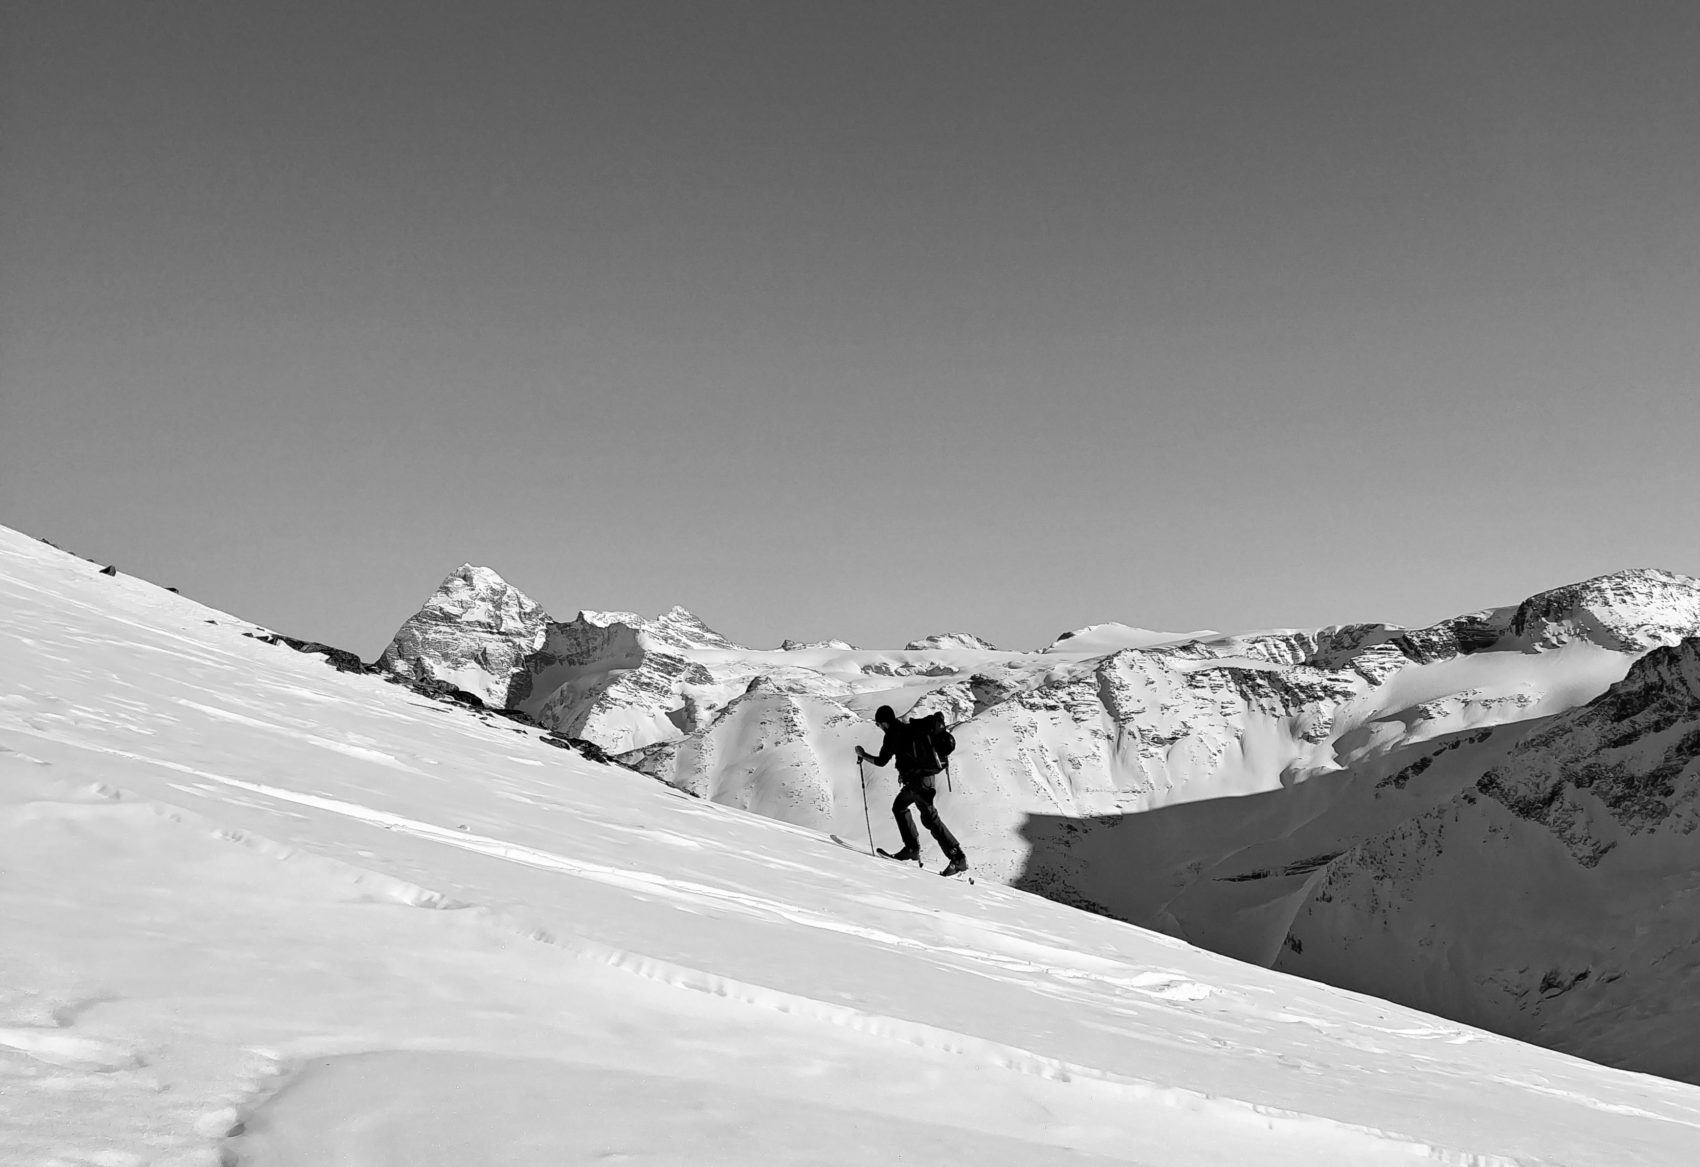 ski touring up green ridge